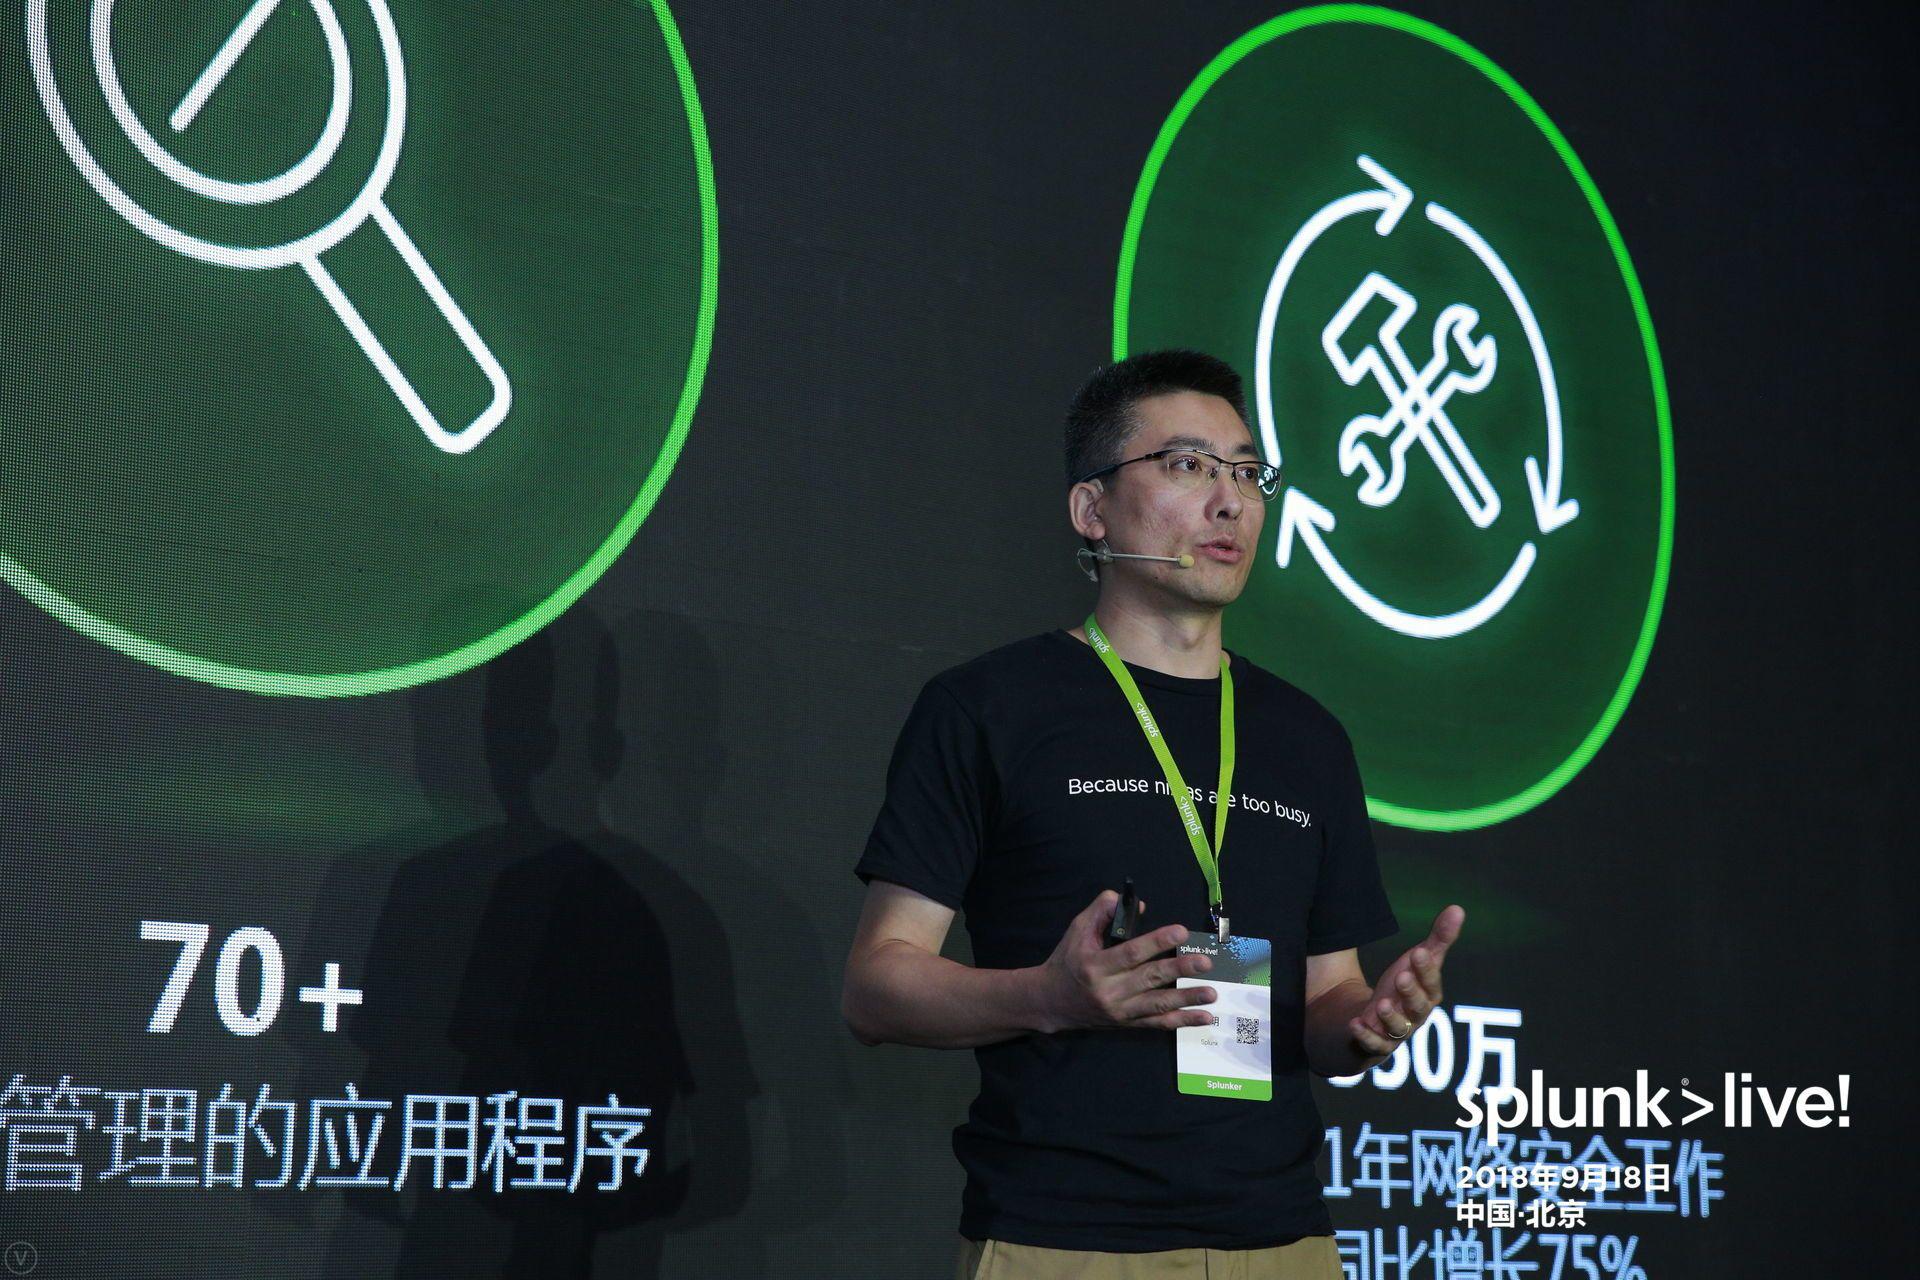 Splunk>live!2018中国用户大会北京站大聊安全话题,到底支了哪些招?